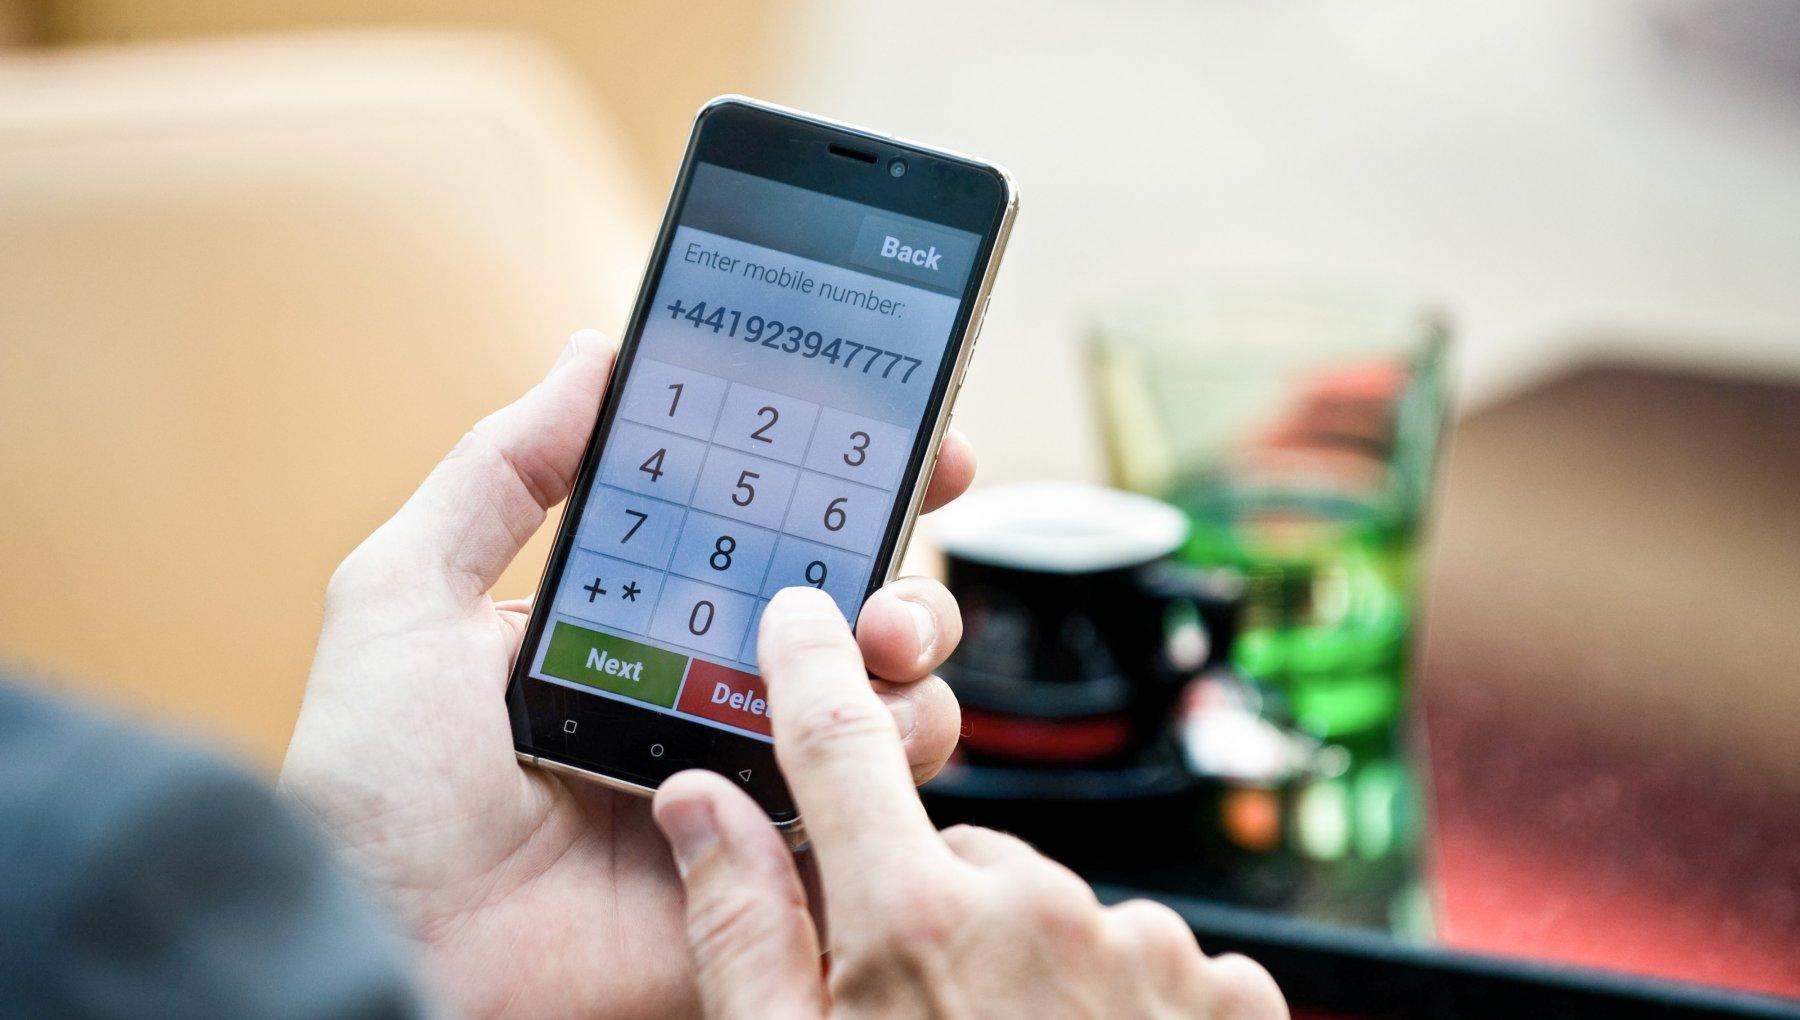 Gli smartphone di Emporia tornano in Italia. E i senior sono sempre più digitalizzati